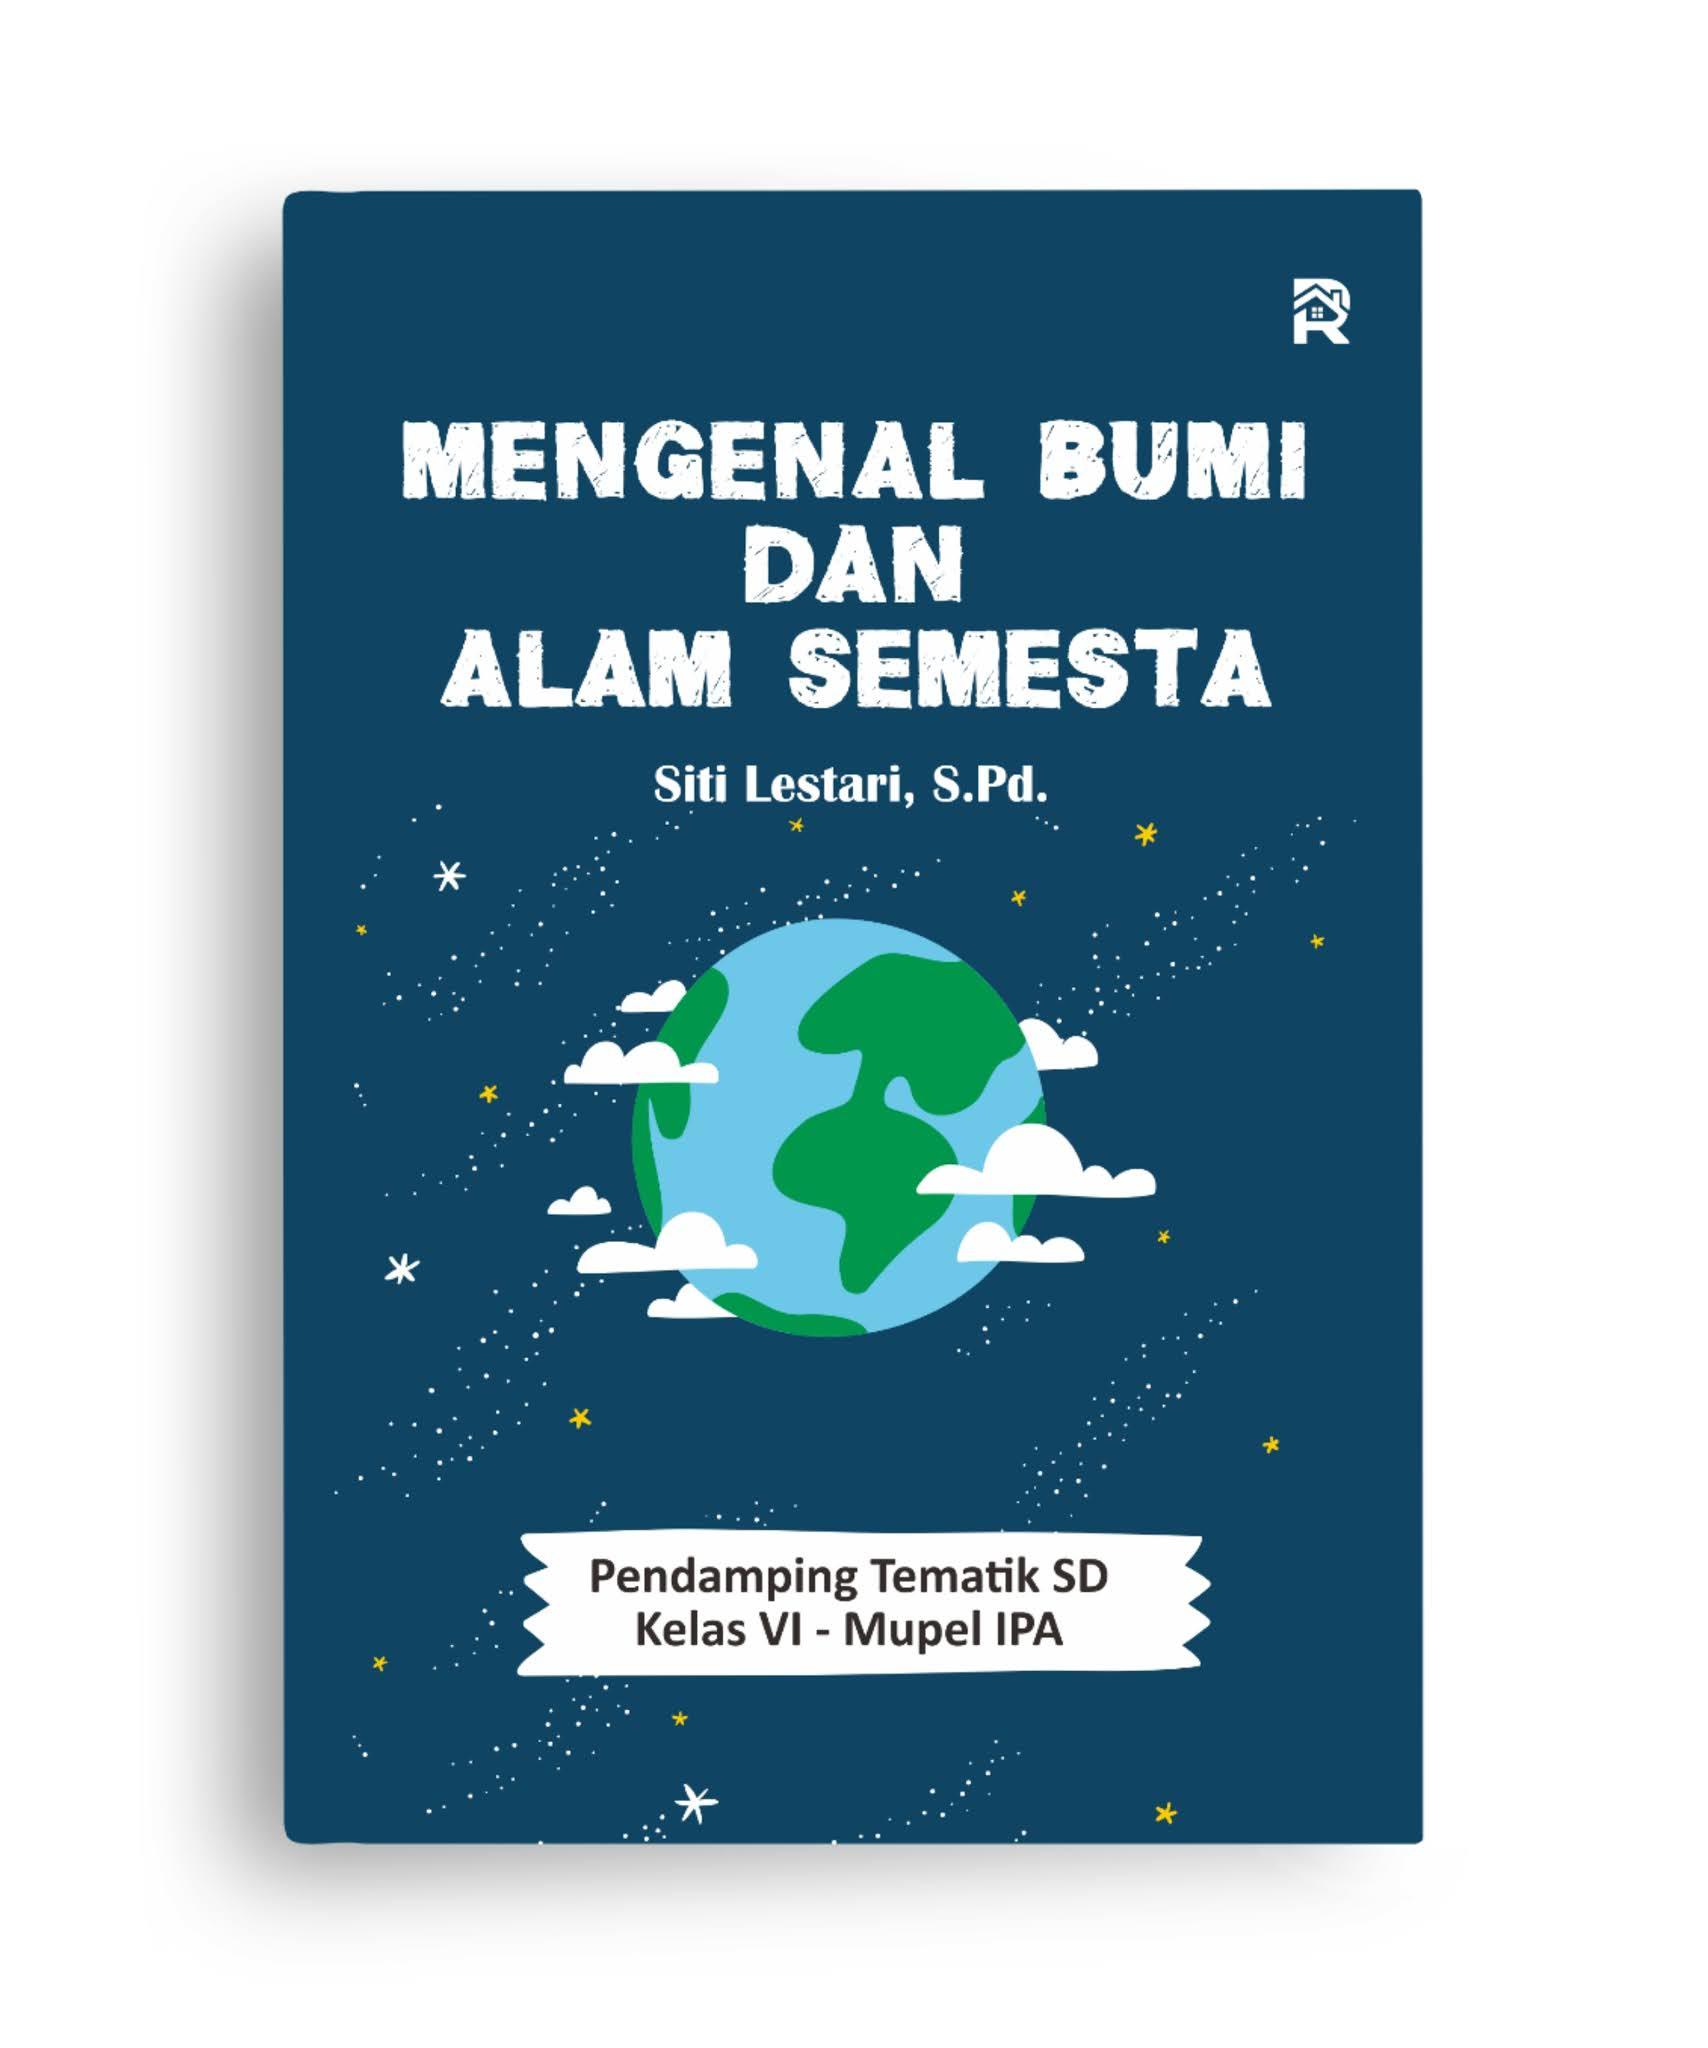 Mengenal Bumi dan Alam Semesta (Pendamping Tematik SD Kelas VI - Mupel IPA)